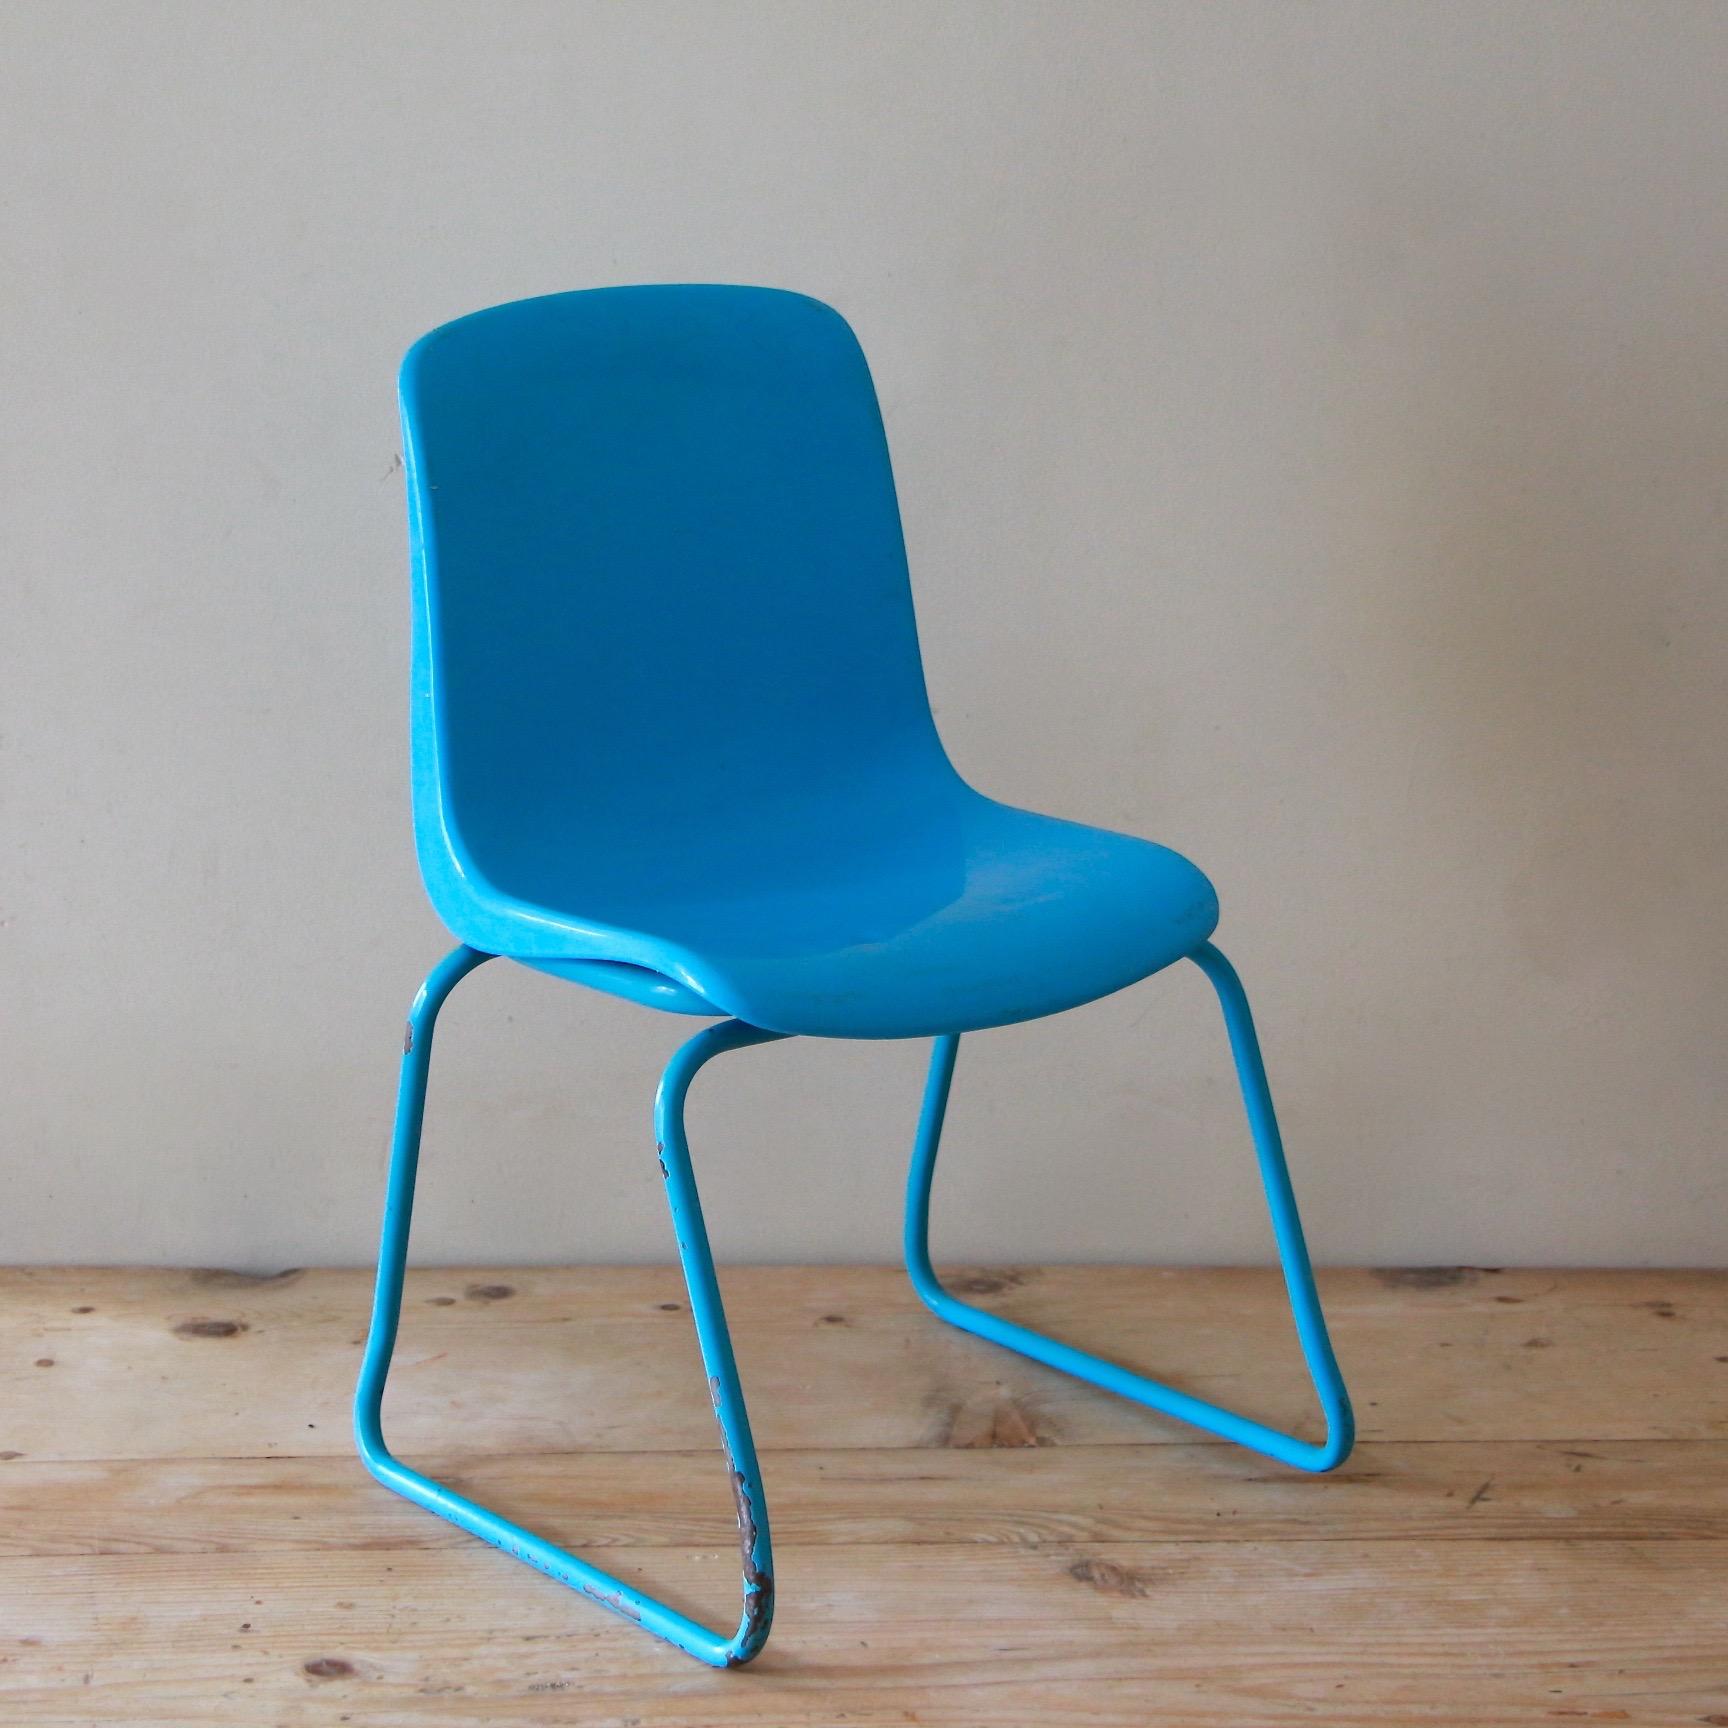 chaise enfant bleu vintage indus grosfillex